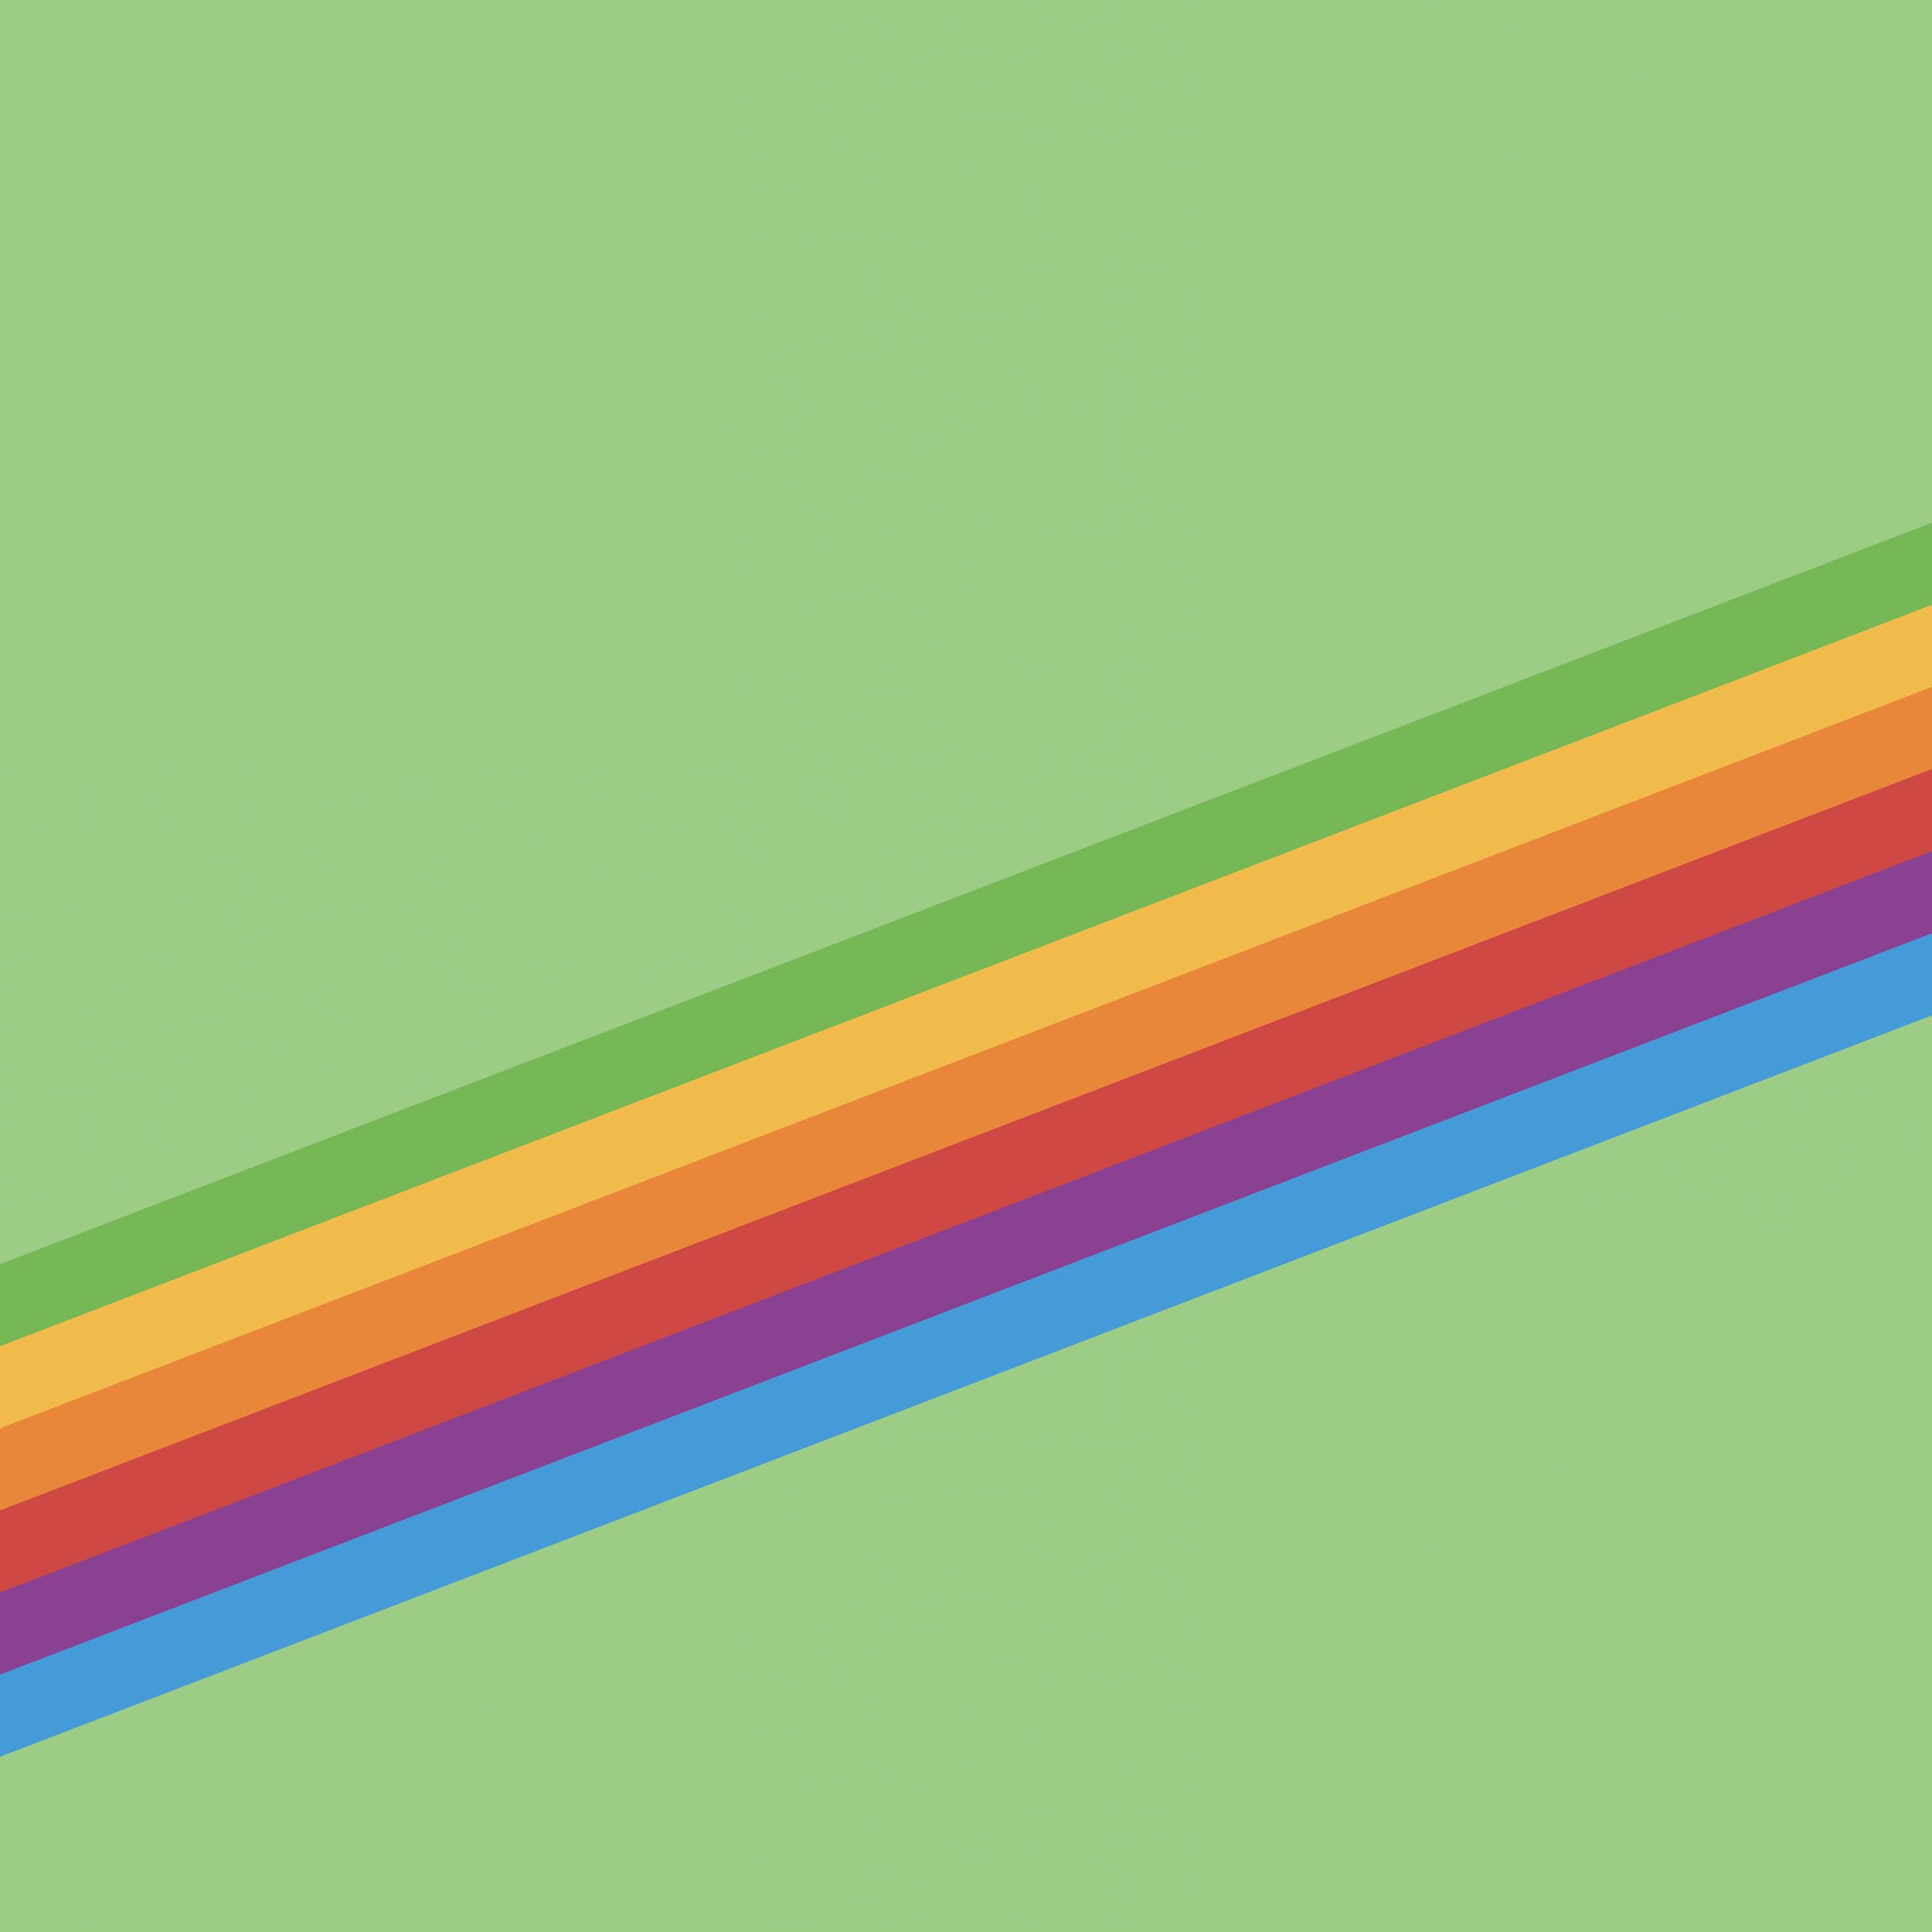 Heritage Stripe Green iOS 11 GM iPhone wallpapers - Trọn bộ hình nền mới của iOS 11